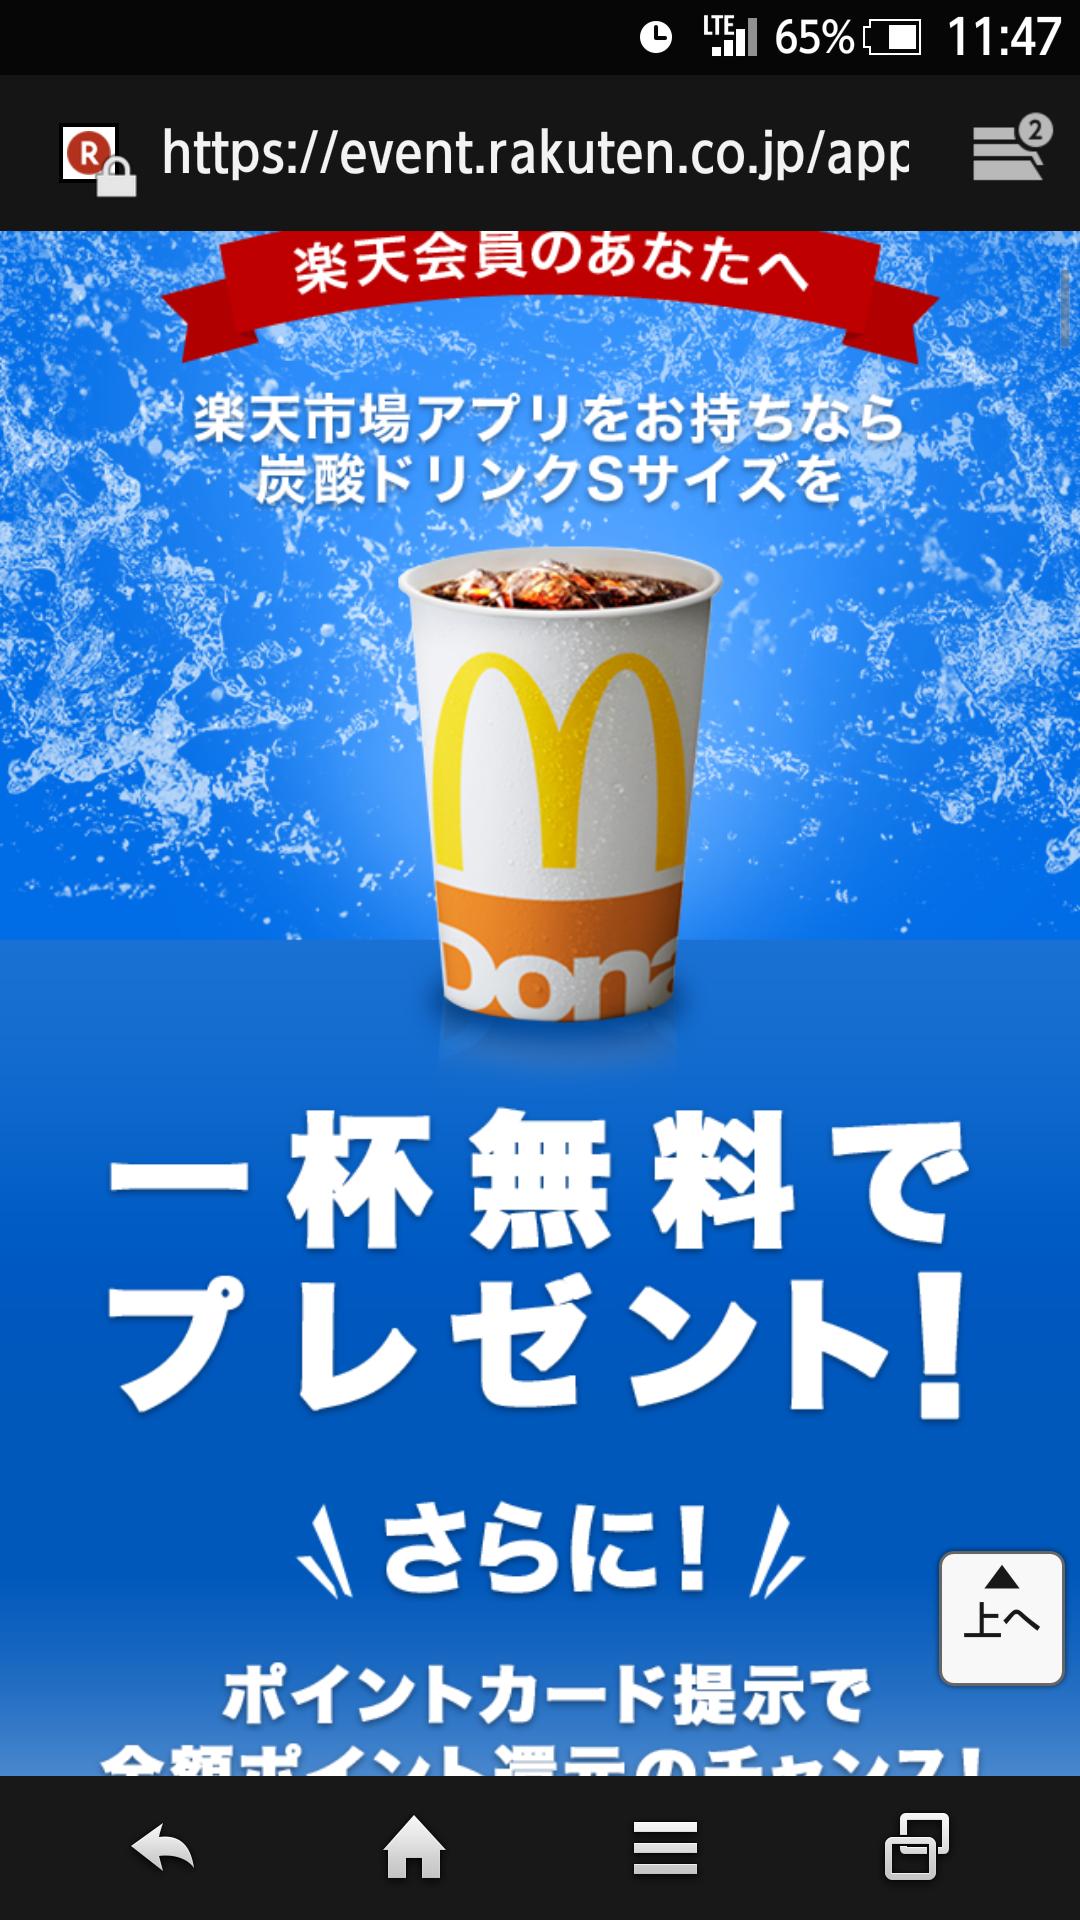 【楽天】マック炭酸ドリンクS無料券配布中♪使用は9月22~